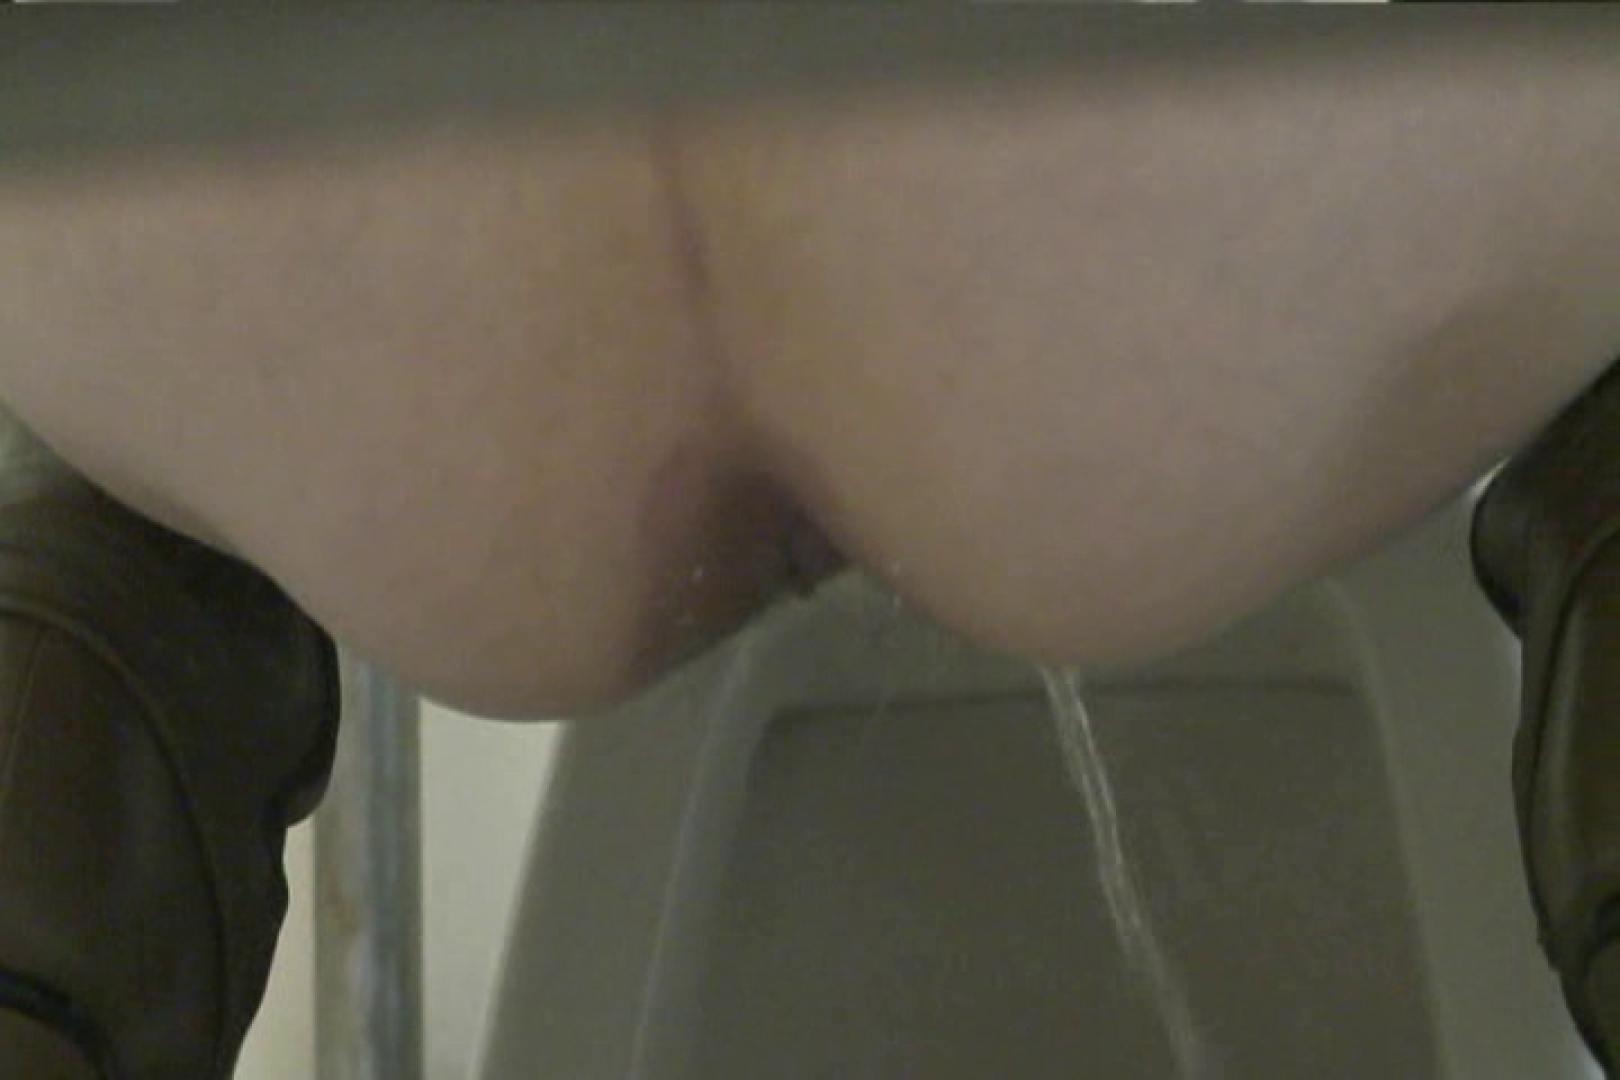 マンコ丸見え女子洗面所Vol.19 OLすけべ画像 エロ画像 85連発 27